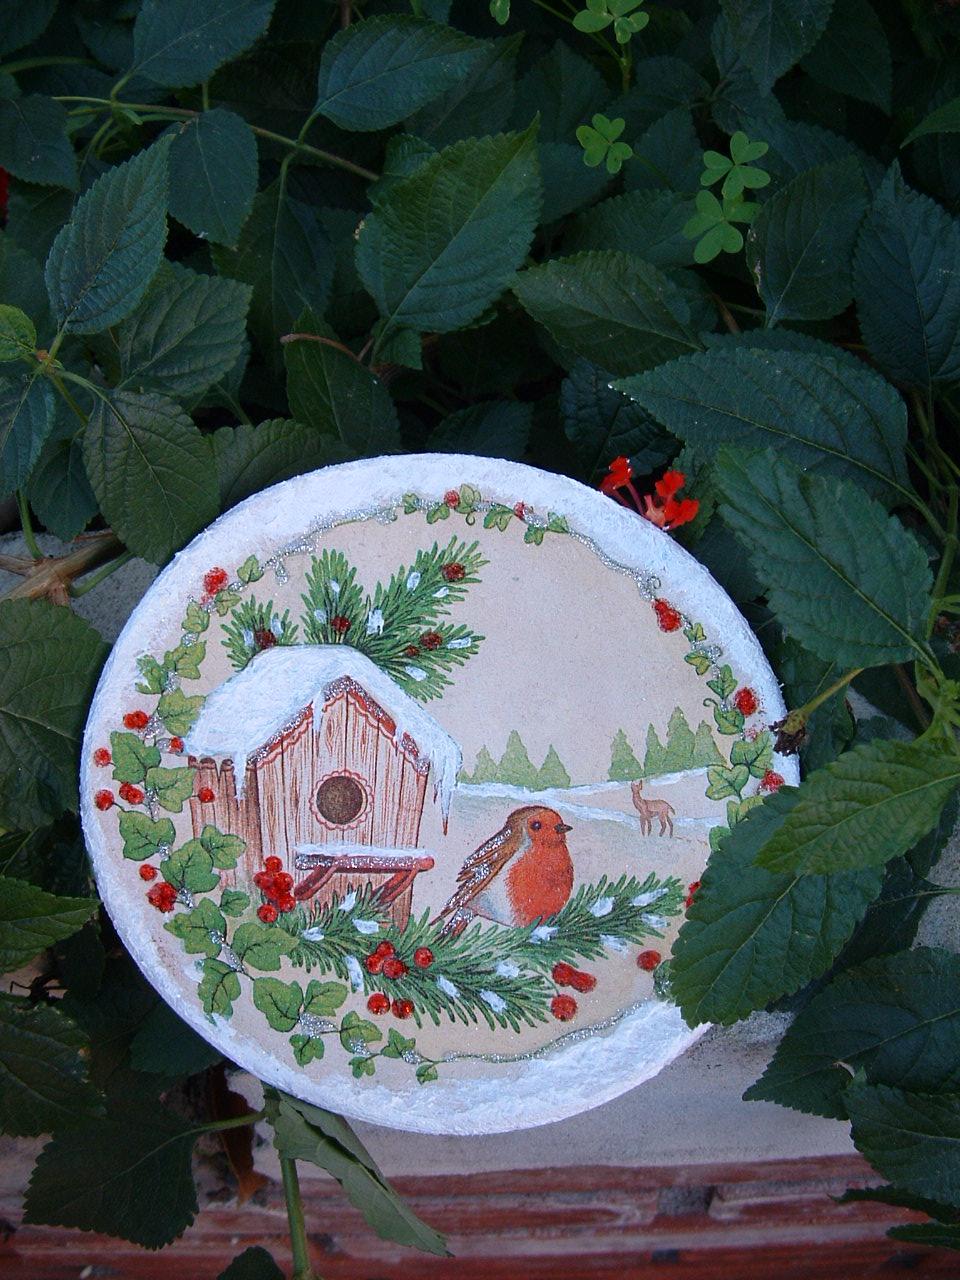 Il bruco idee regalo natalizie decoupage su terracotta Idee regalo